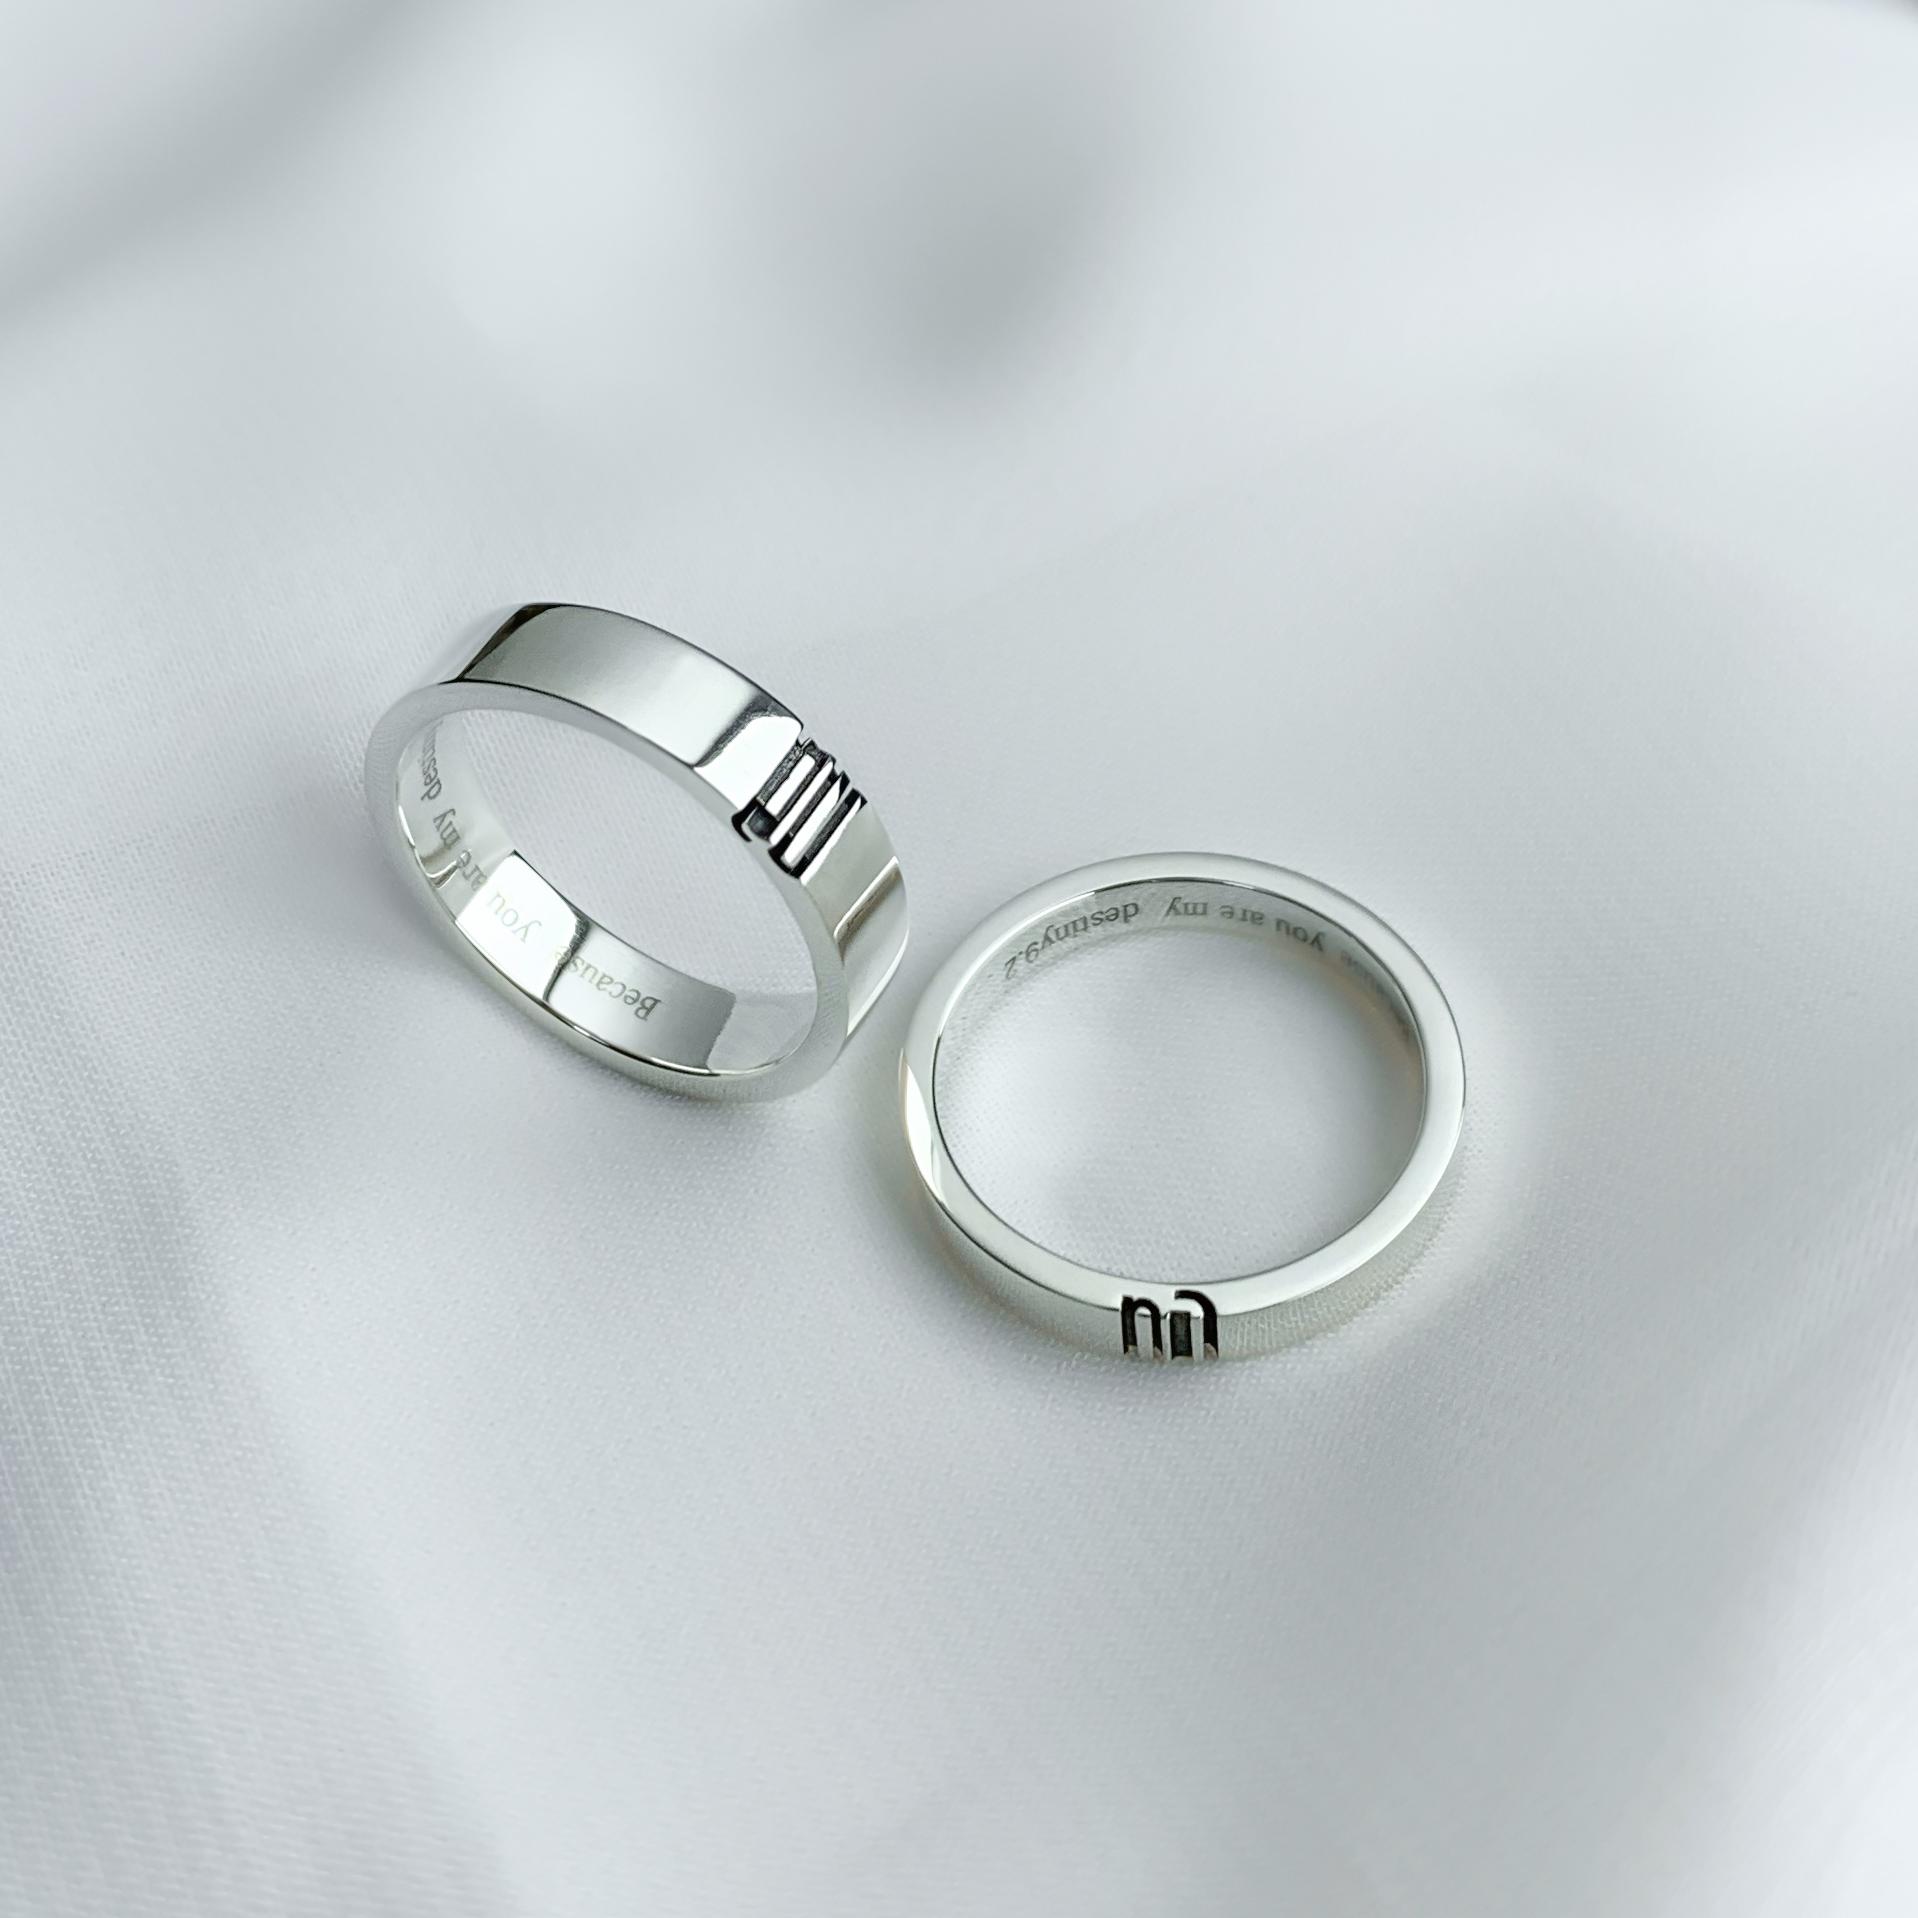 原创设计情侣字母戒指 异地恋结婚对戒  纯银一对定制刻字小众男女